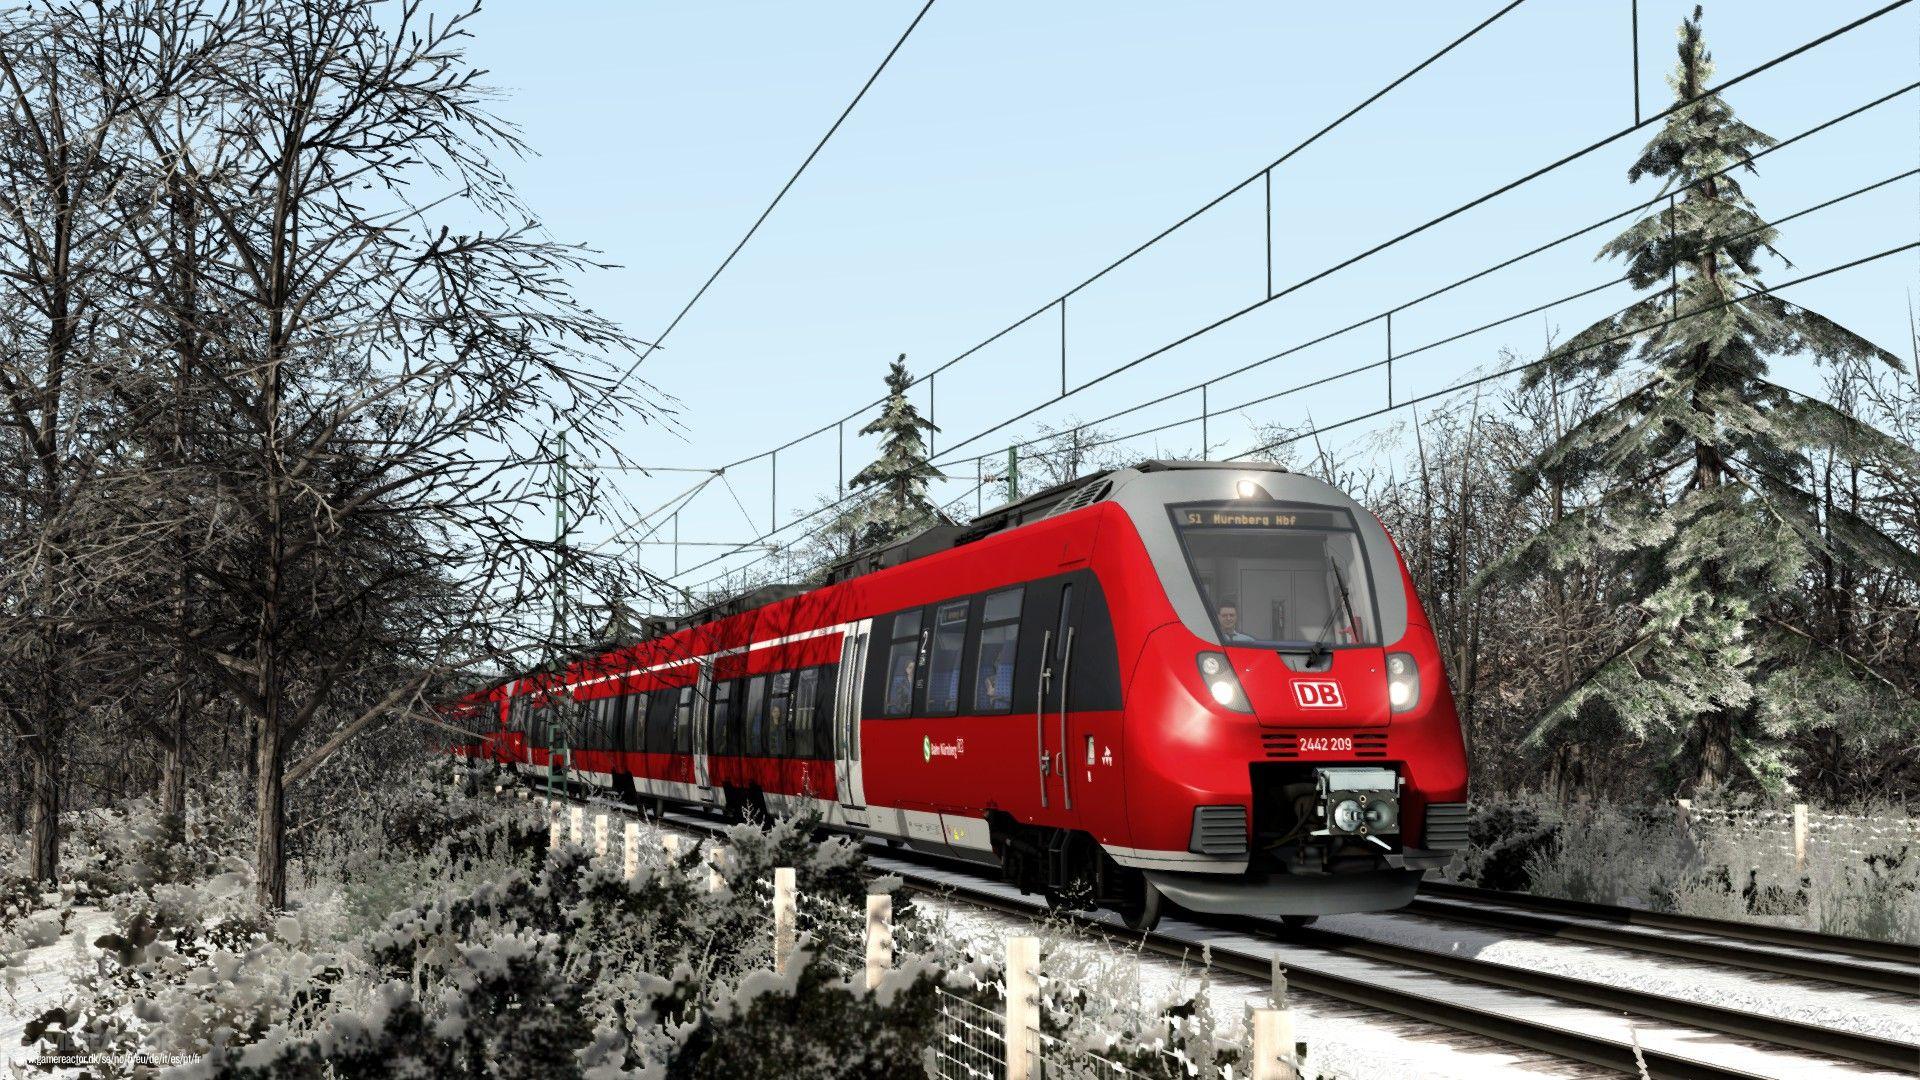 trainsimulator2020_2958443b.jpg